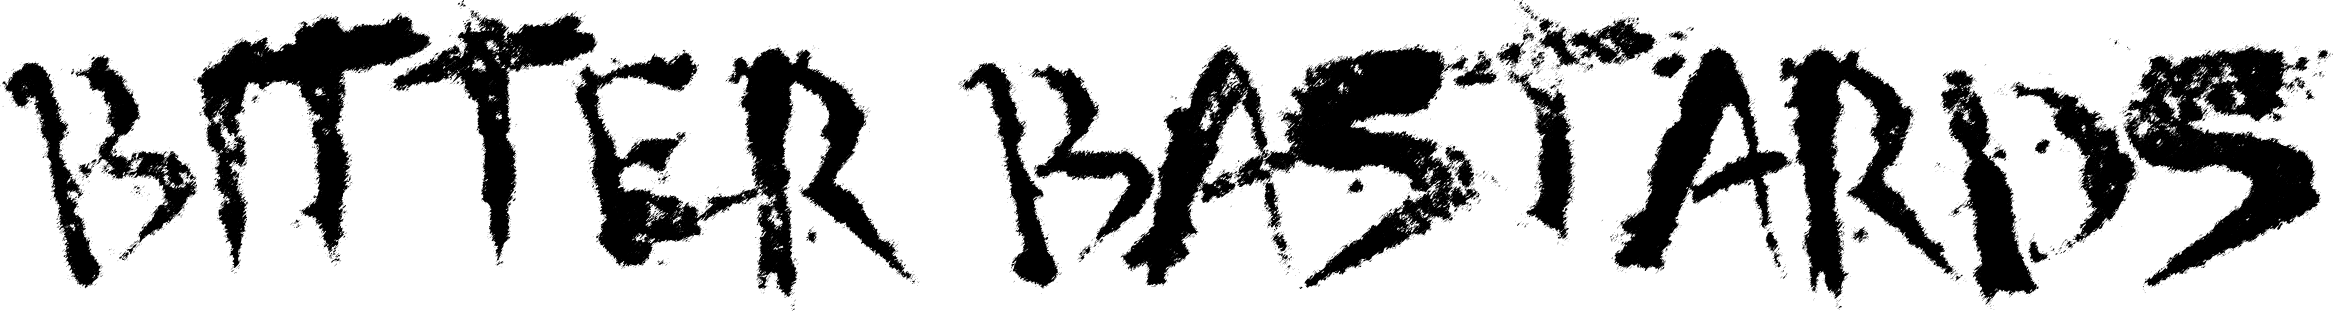 bitter-bastards-logo.png